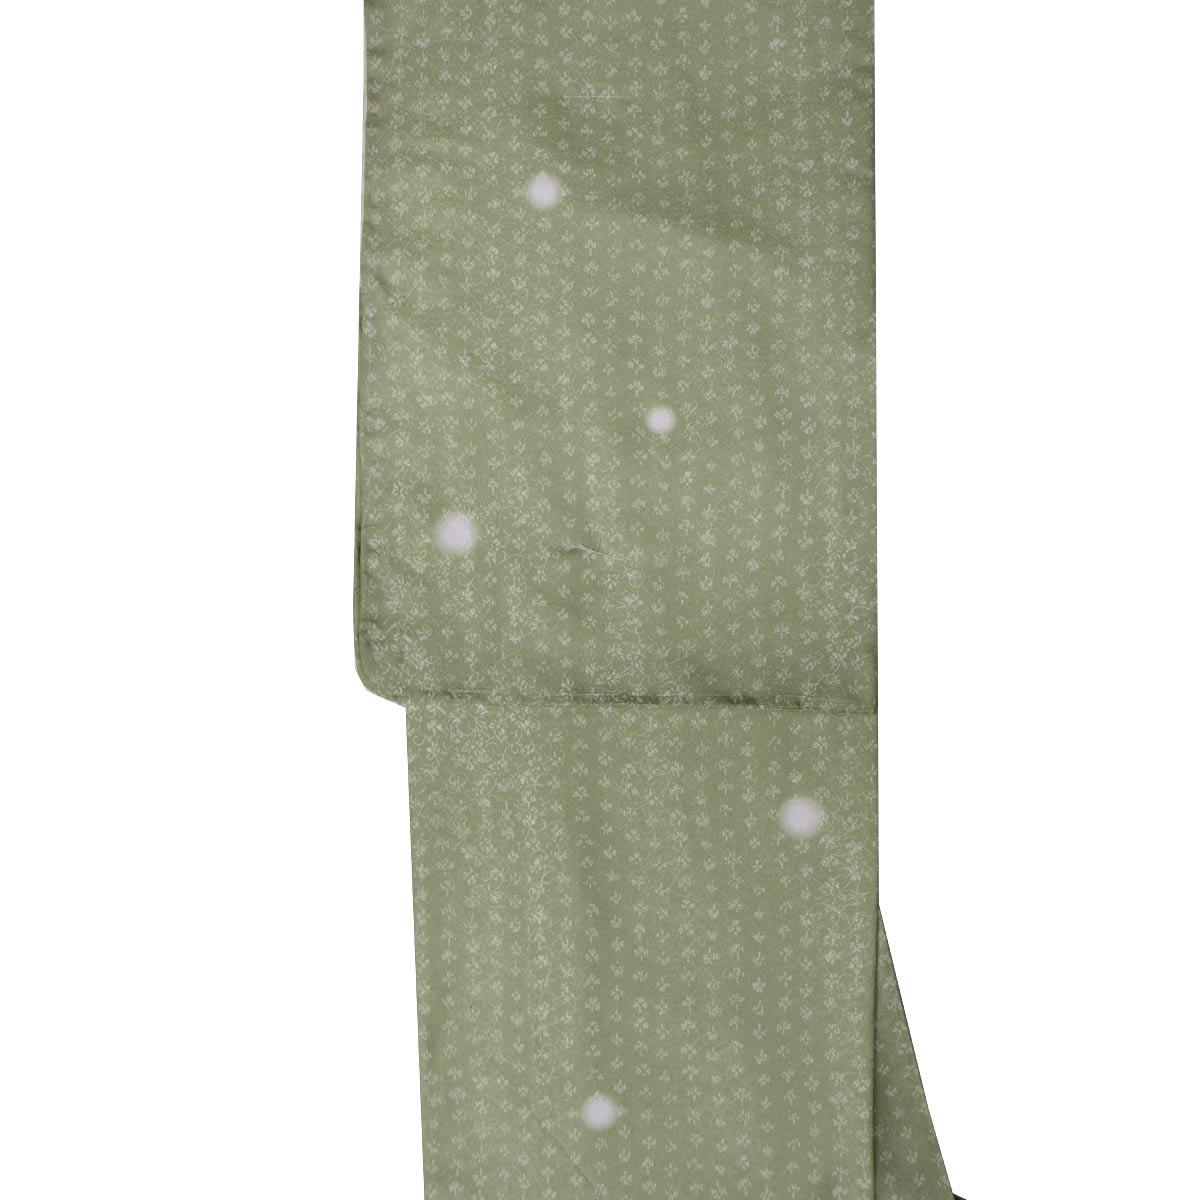 洗える着物 袷 蛍ぼかし 単品【Mサイズ】洗える着物 普段着 小紋 グリーン番号f926-301m